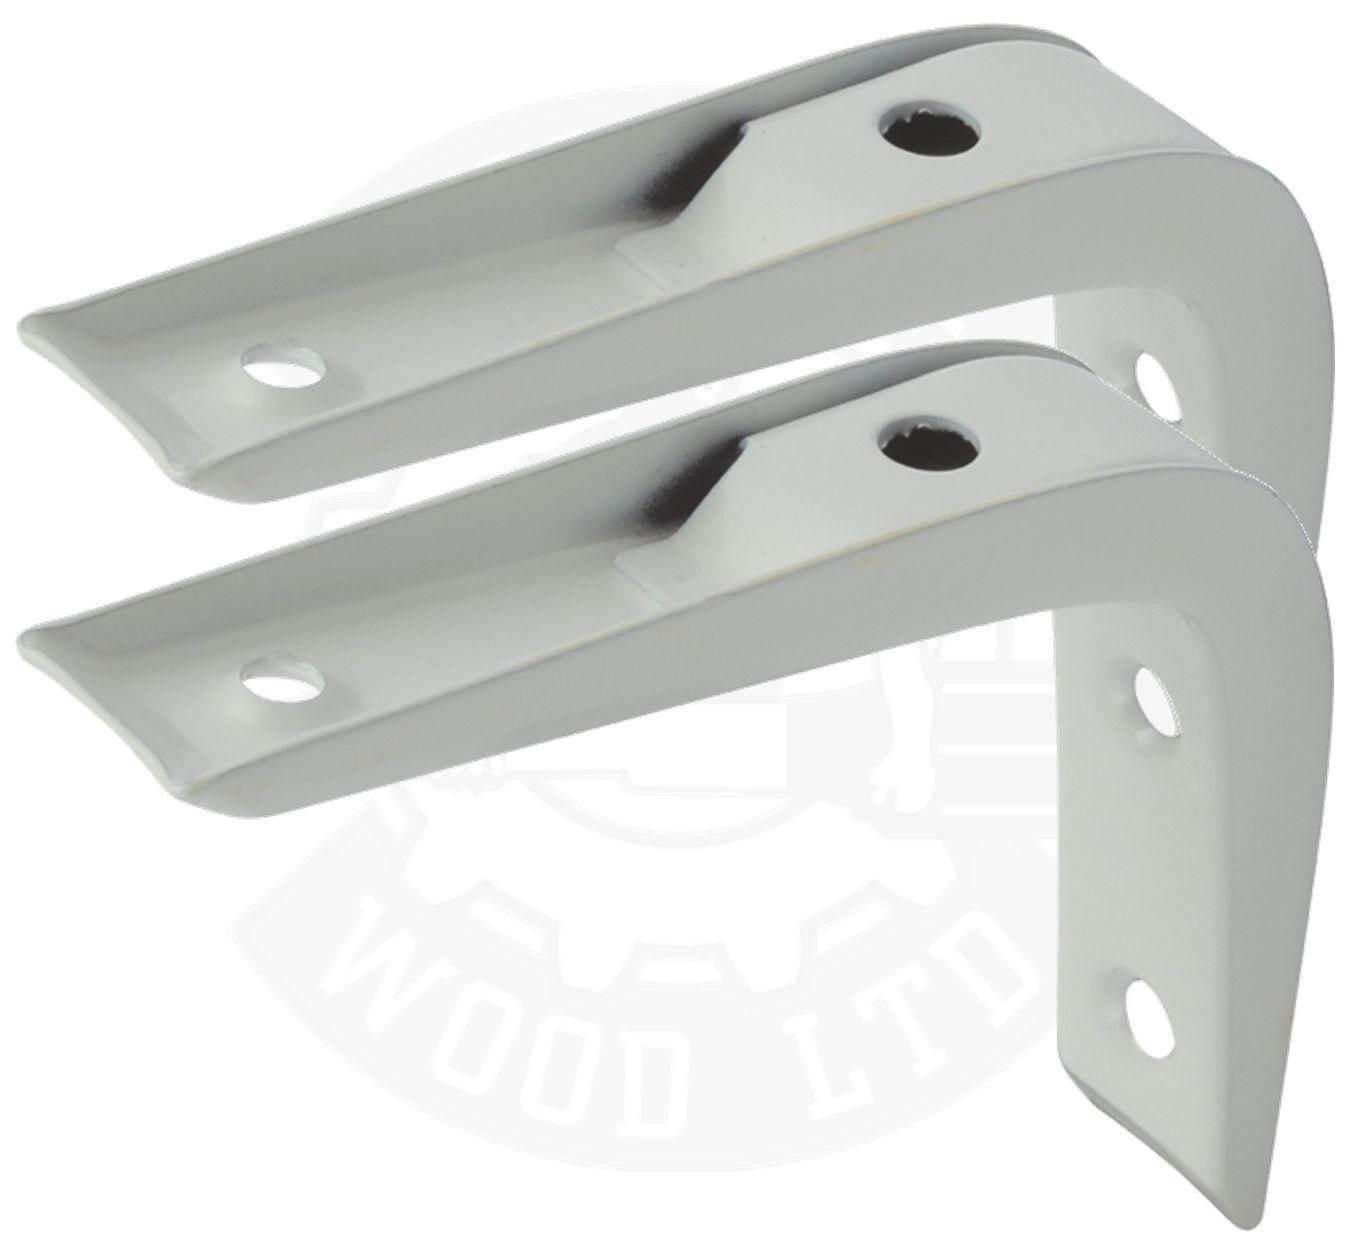 reinforced shelf brackets support wall bracket heavy duty. Black Bedroom Furniture Sets. Home Design Ideas